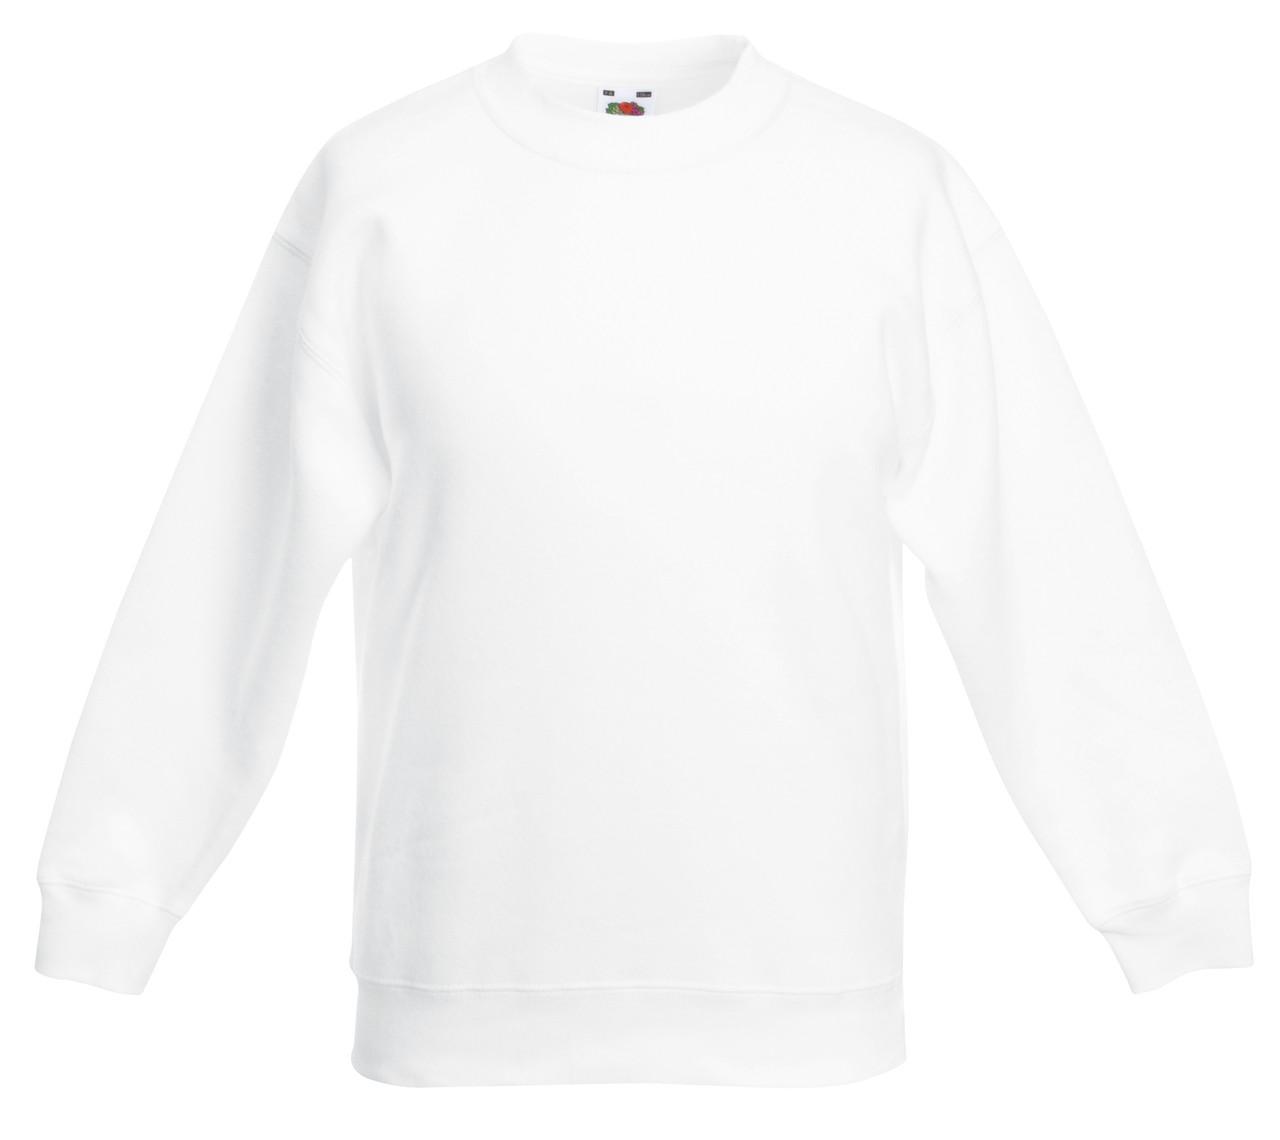 Детский классический свитер Белый Fruit Of The Loom  62-041-30 5-6